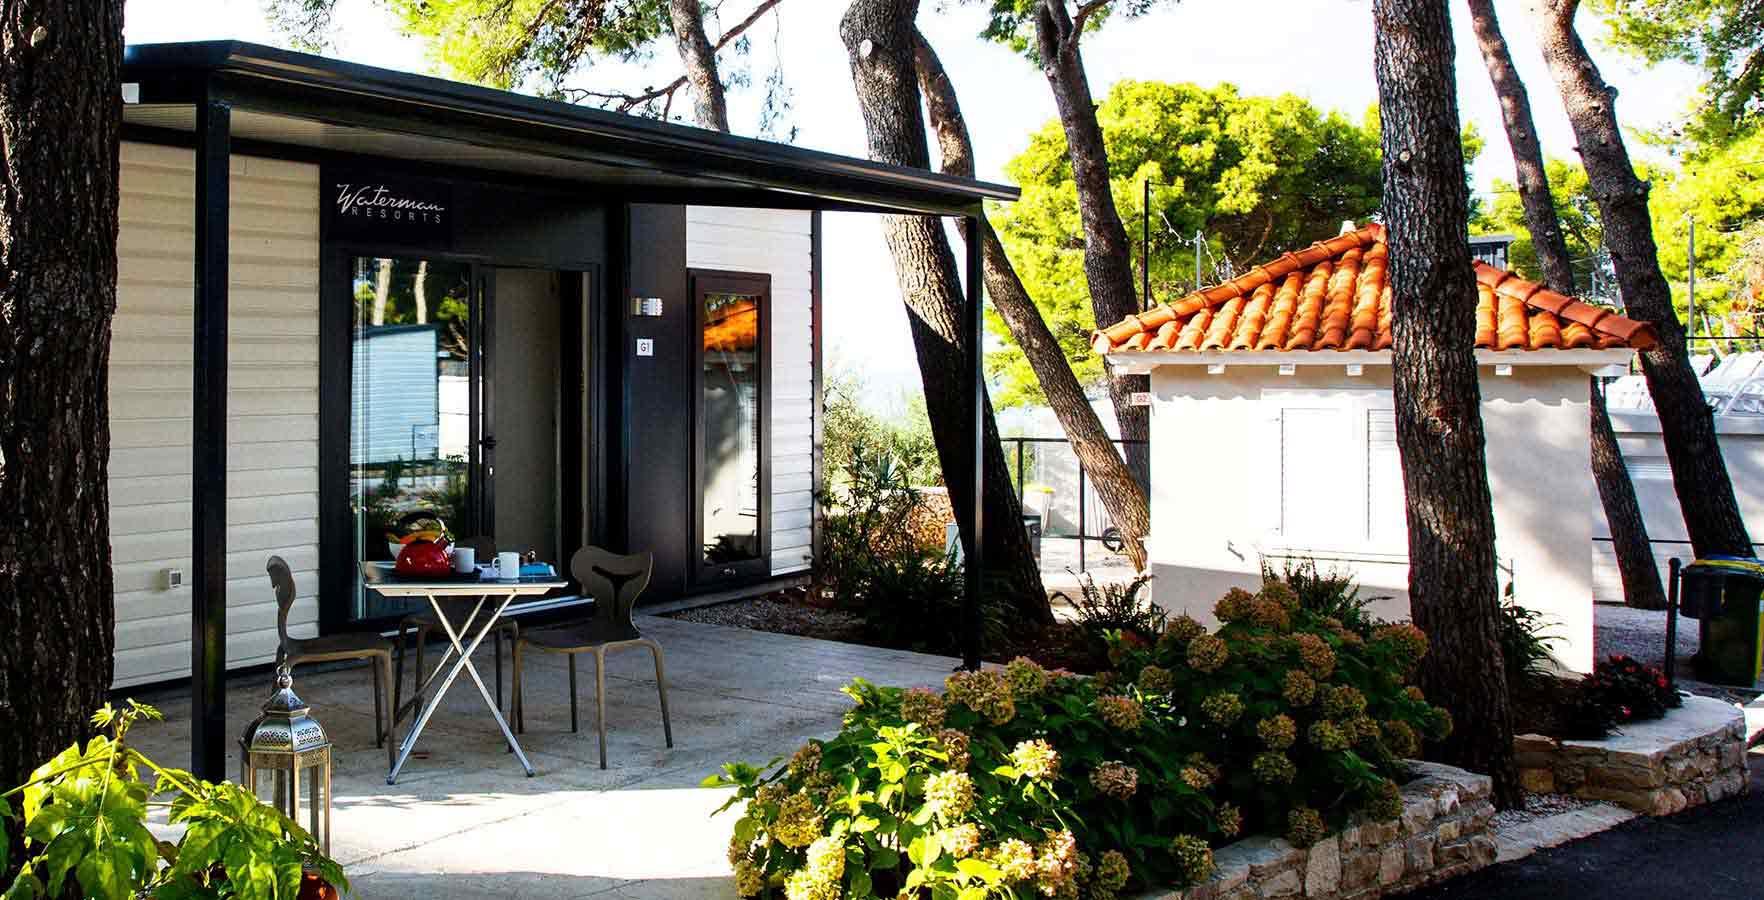 waterman beach village kamping udru enje hrvatske. Black Bedroom Furniture Sets. Home Design Ideas